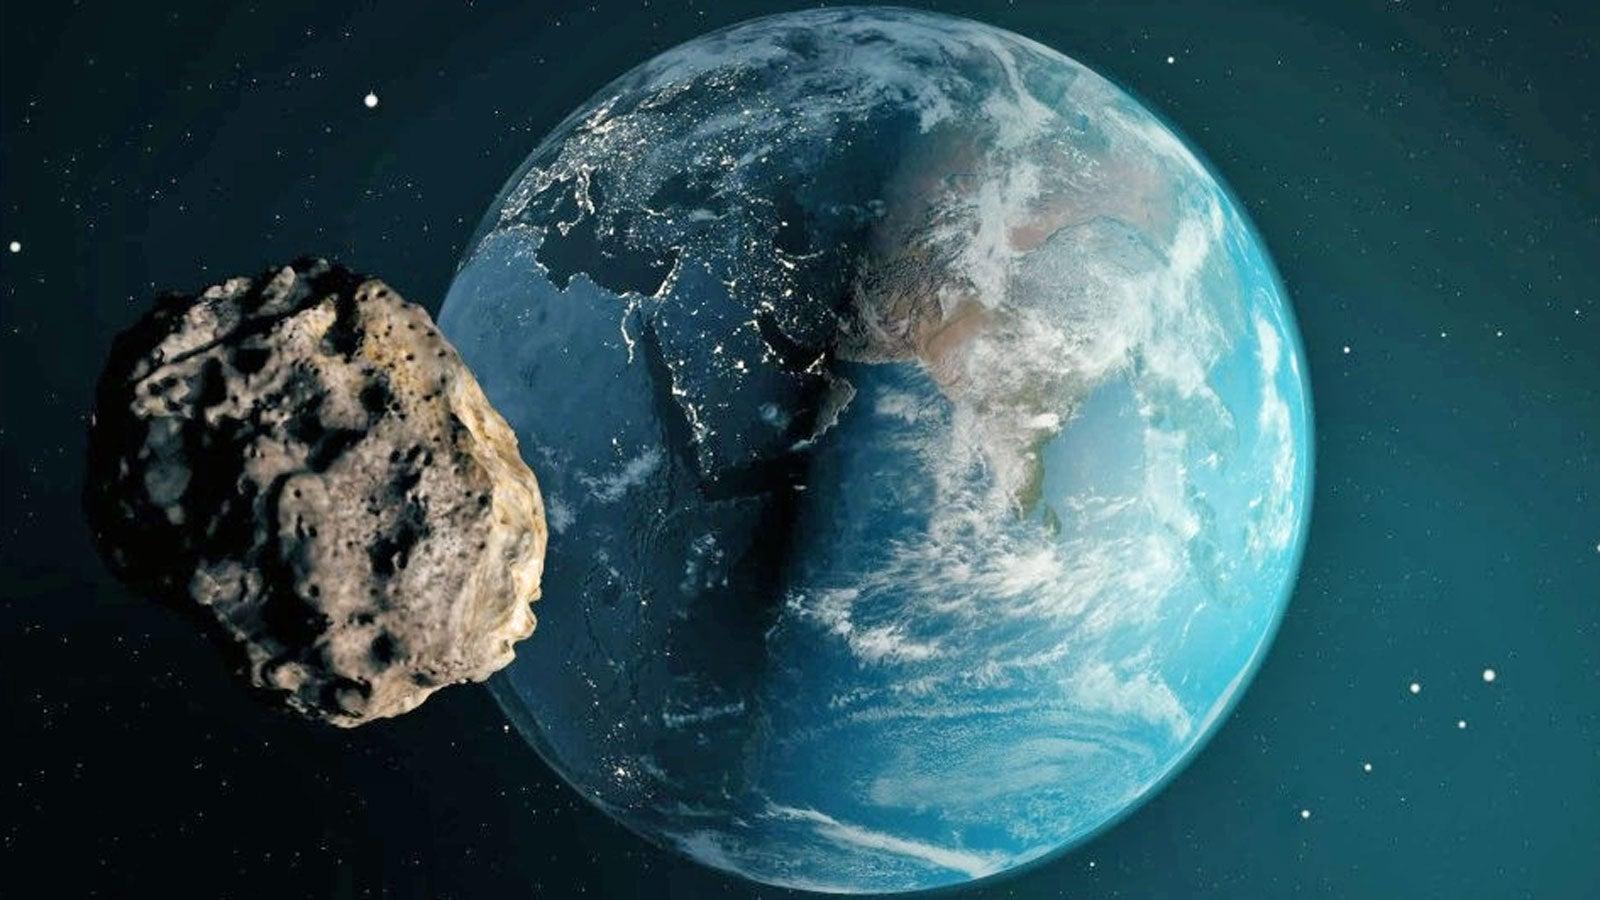 Live zu sehen: Asteroiden-Trio kommt der Erde ungewöhnlich nah